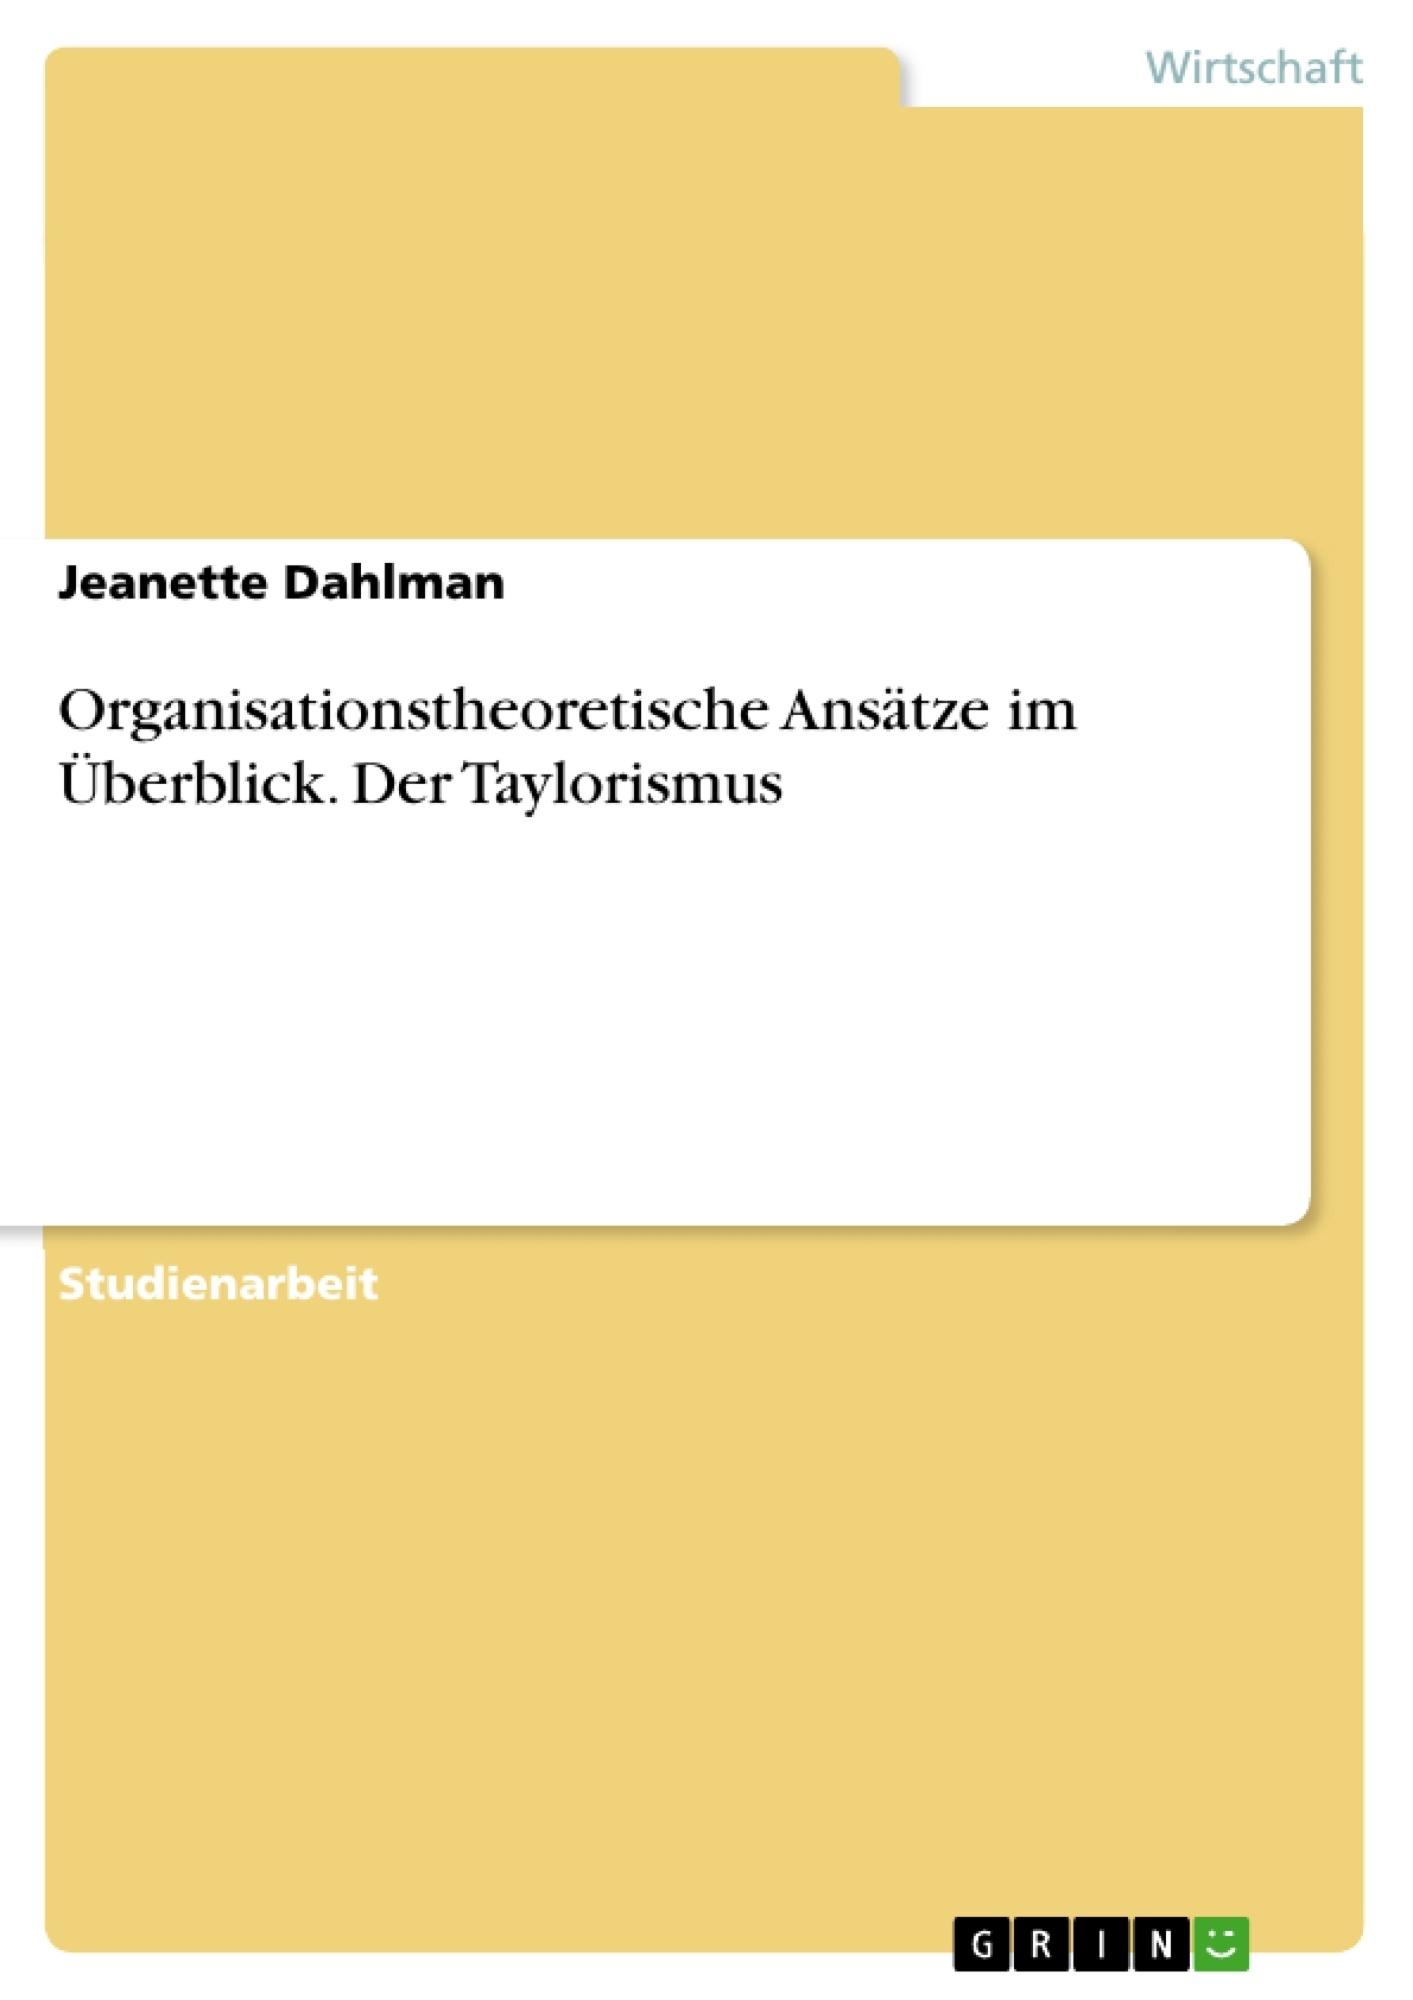 Titel: Organisationstheoretische Ansätze im Überblick. Der Taylorismus